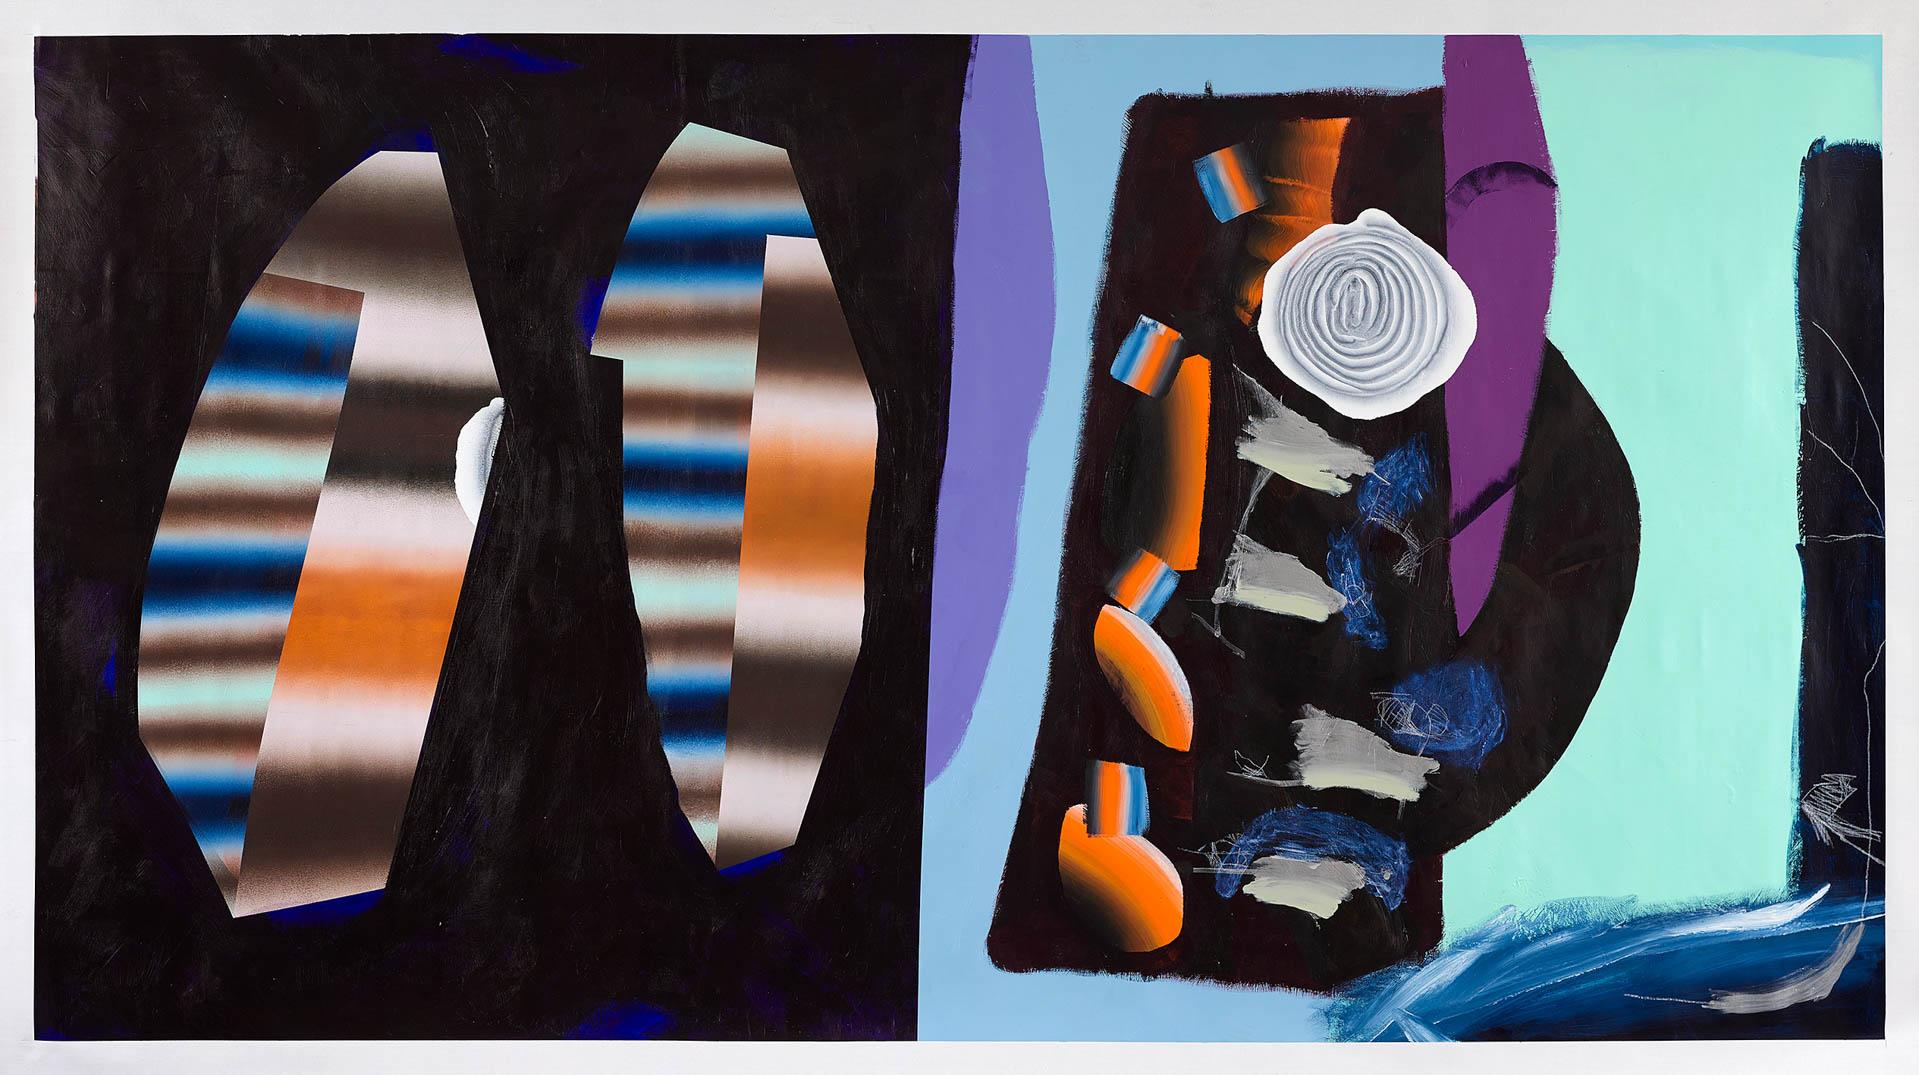 עותק-של-Shony-Rivnay-Configuration_015-2020-oil-on-canvas-211×374-cm-copy